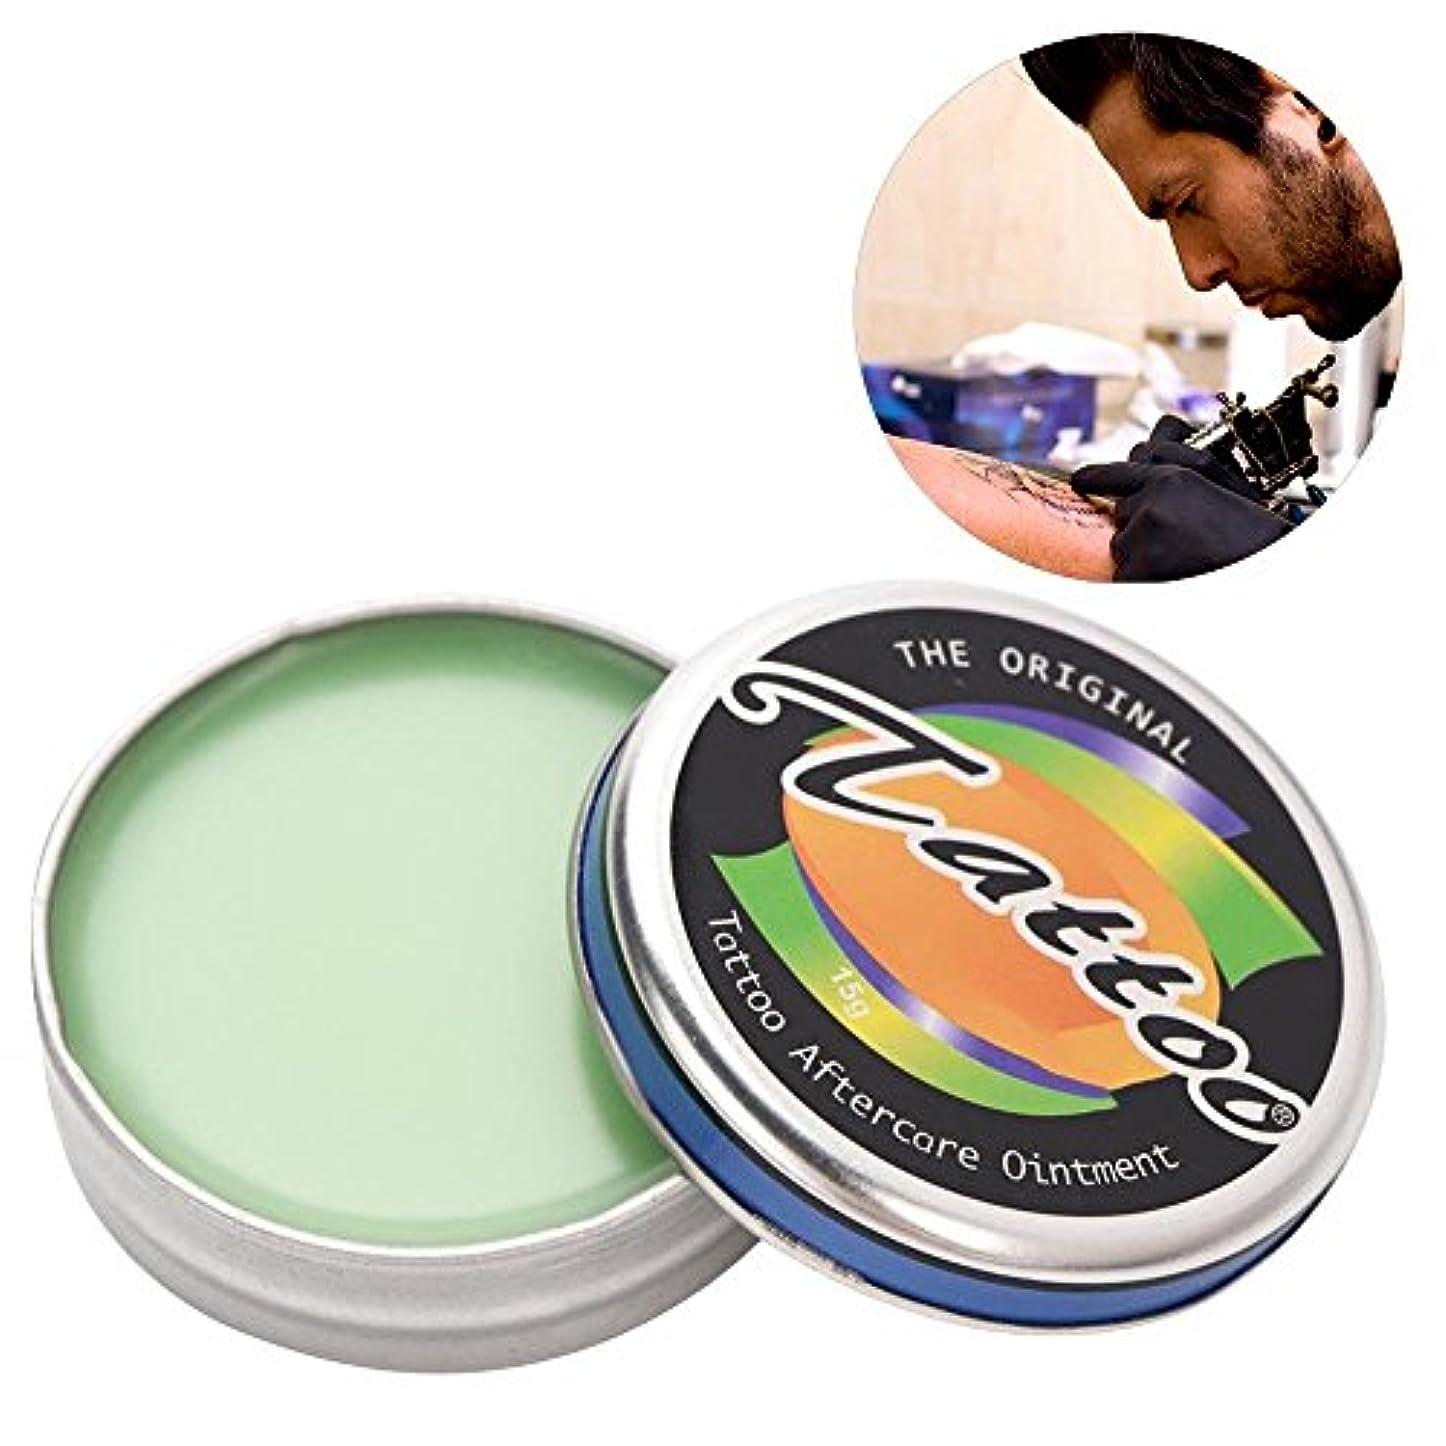 空白未使用余分なタトゥーアフターケアヒーリングクリーム、モイスチャライジングスキンケアタトゥー修復アフターケア軟膏(1)